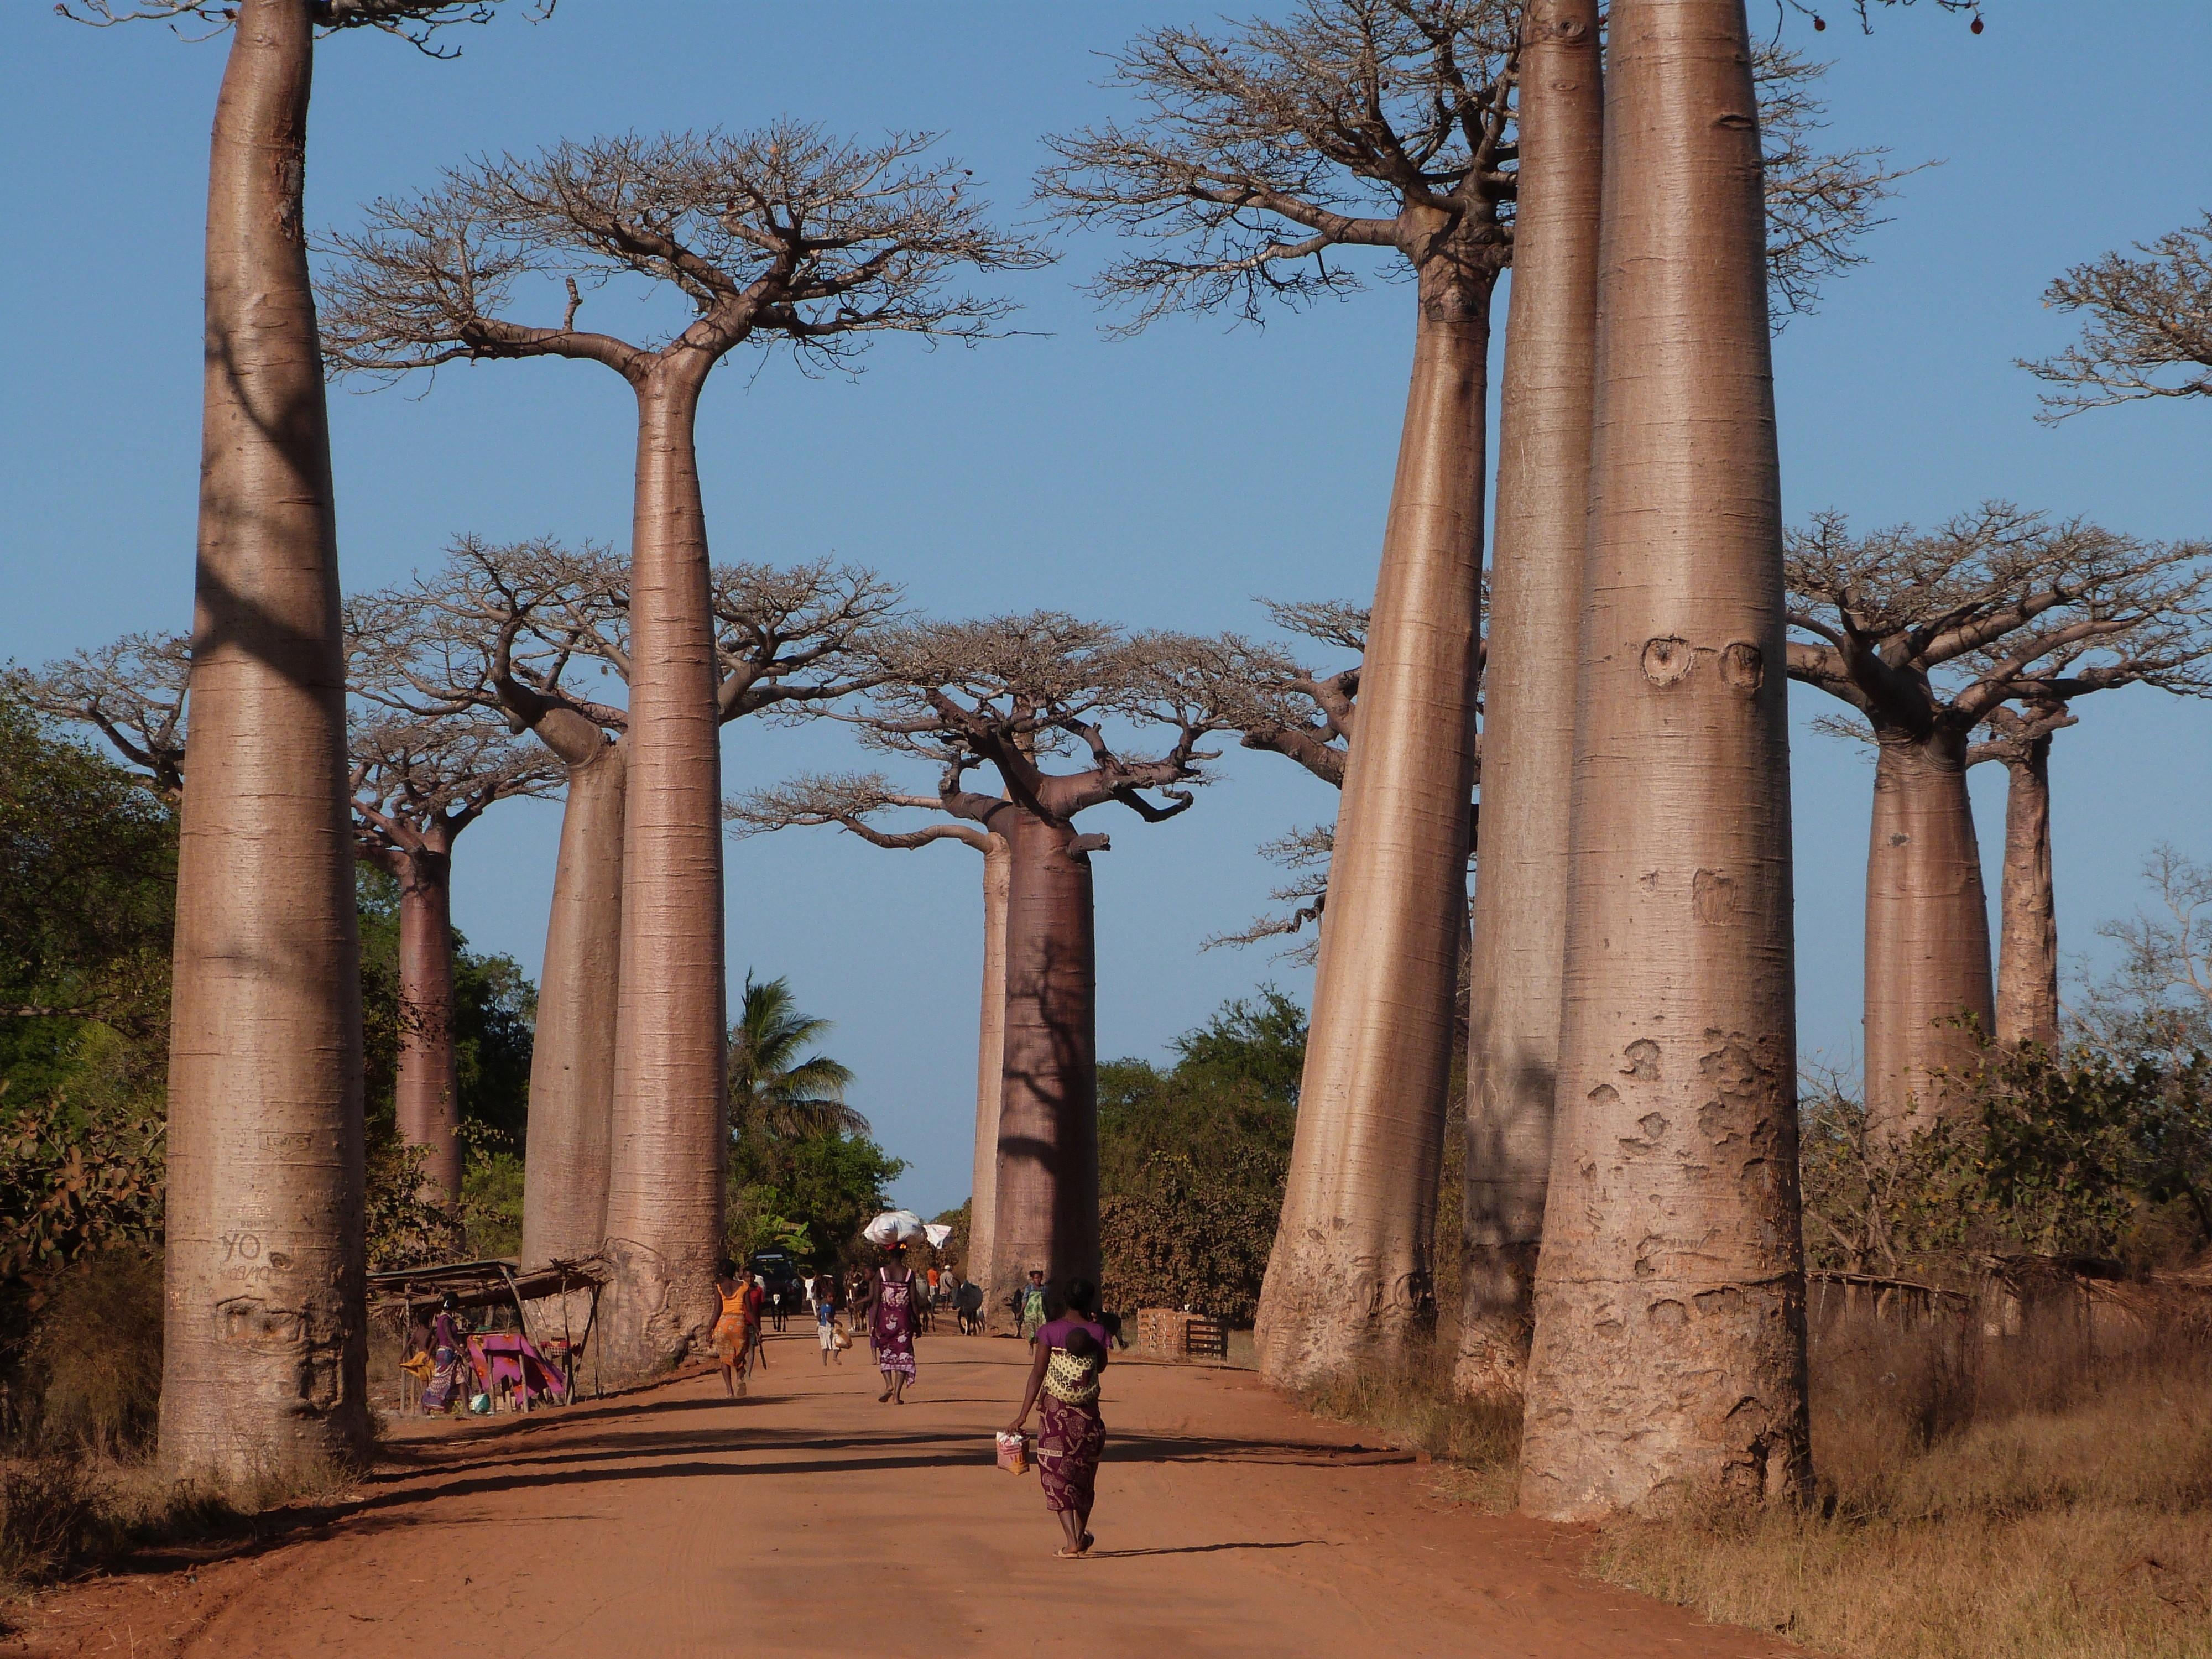 De Avenues des Baobabs is wel een must see als je in dit land bent.